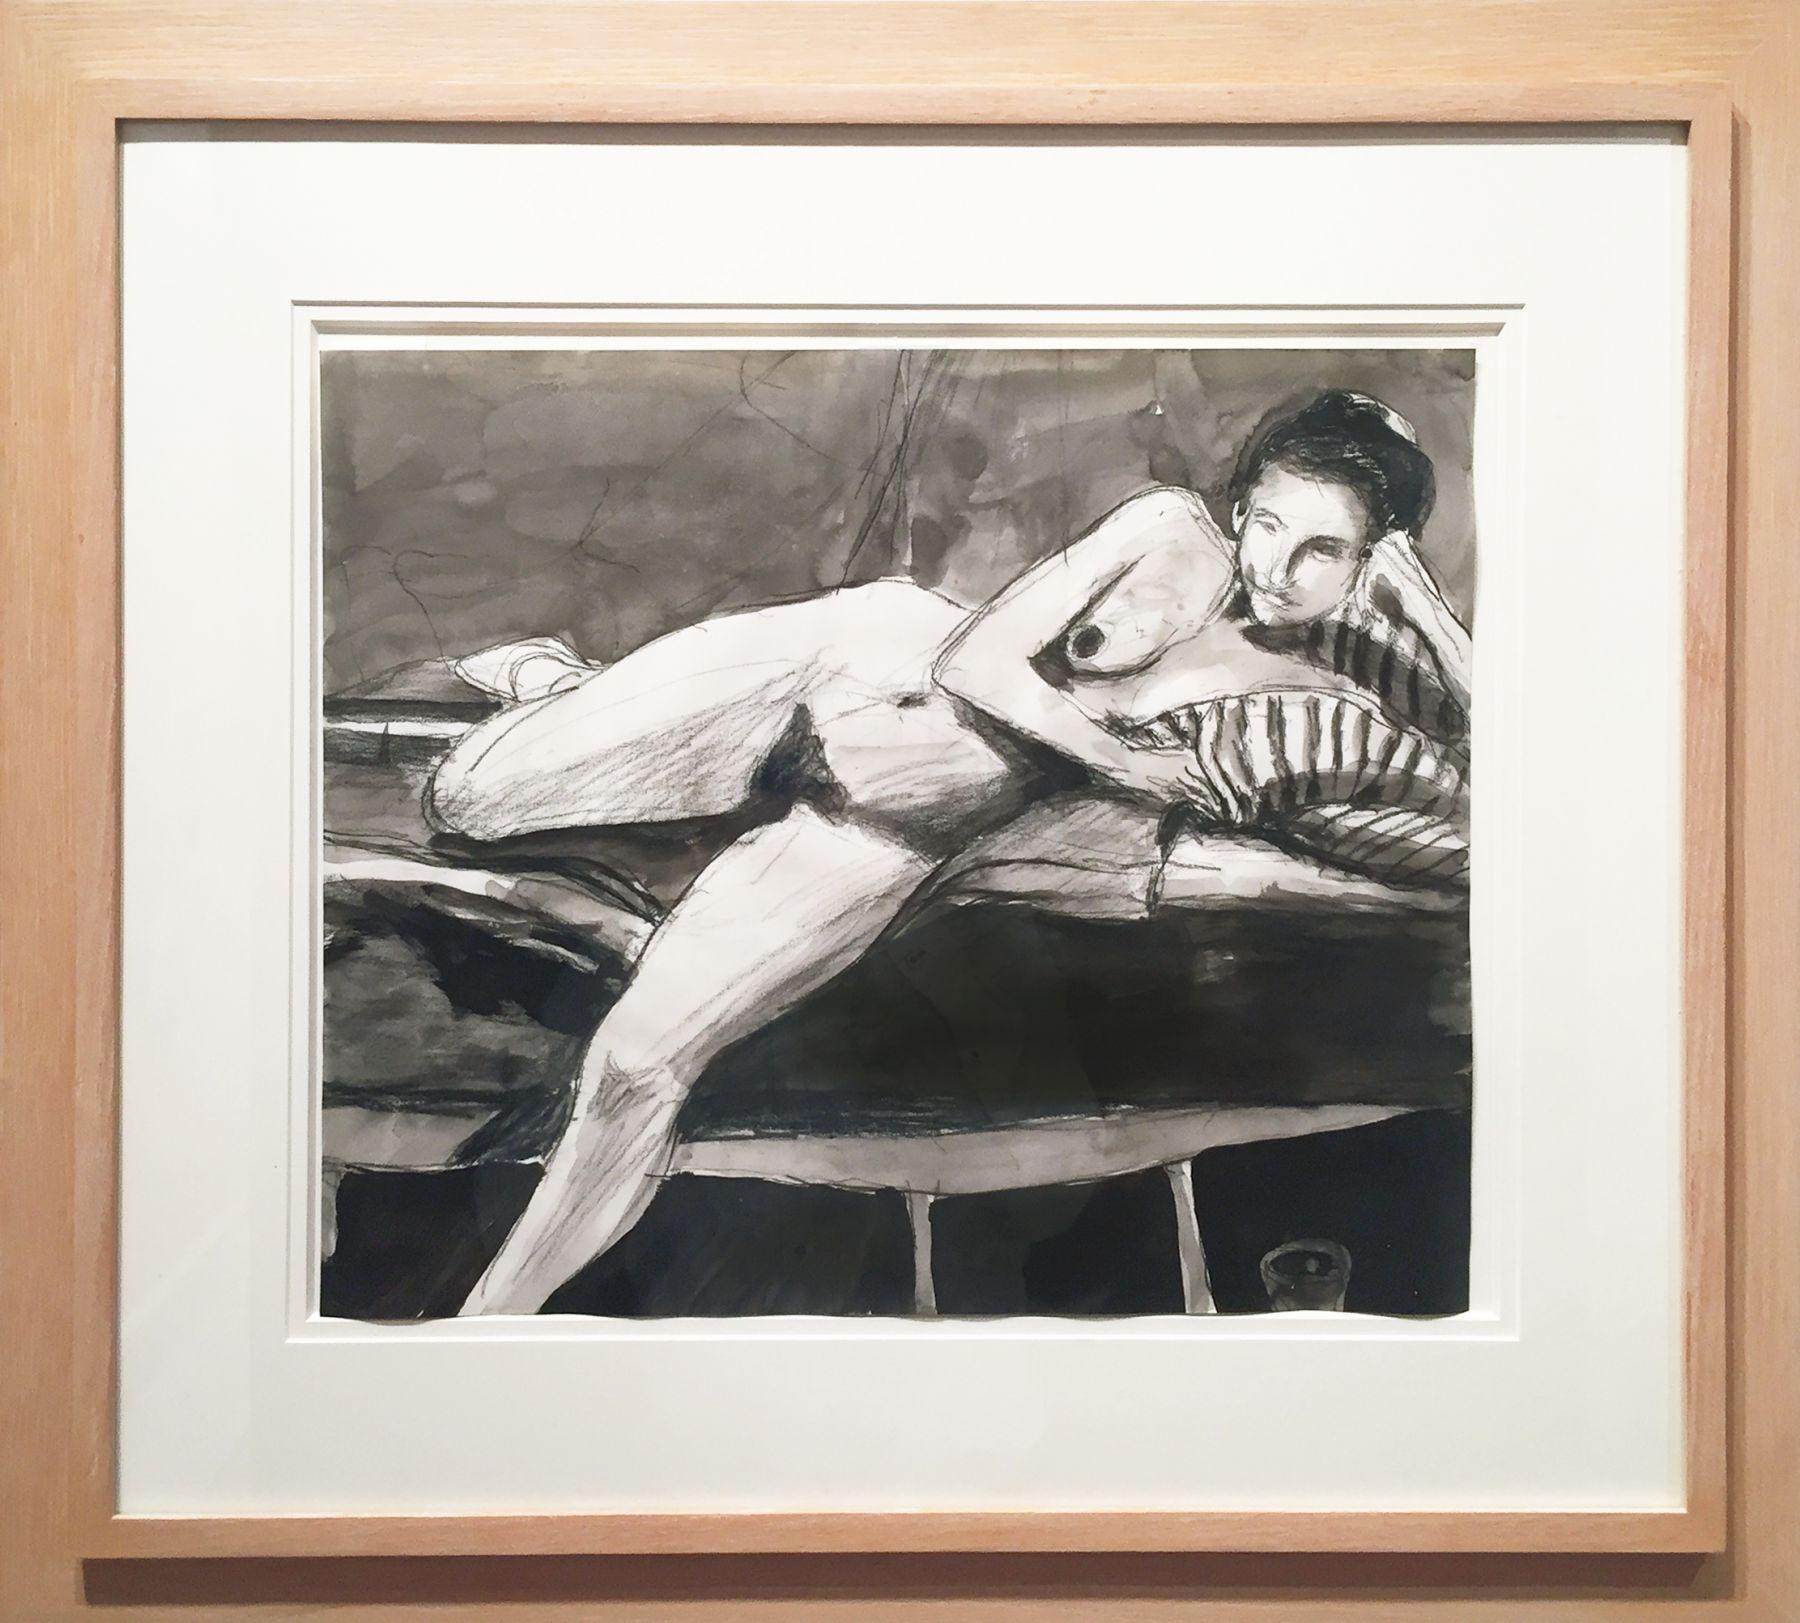 Richard Diebenkorn, Untitled, c. 1960-66